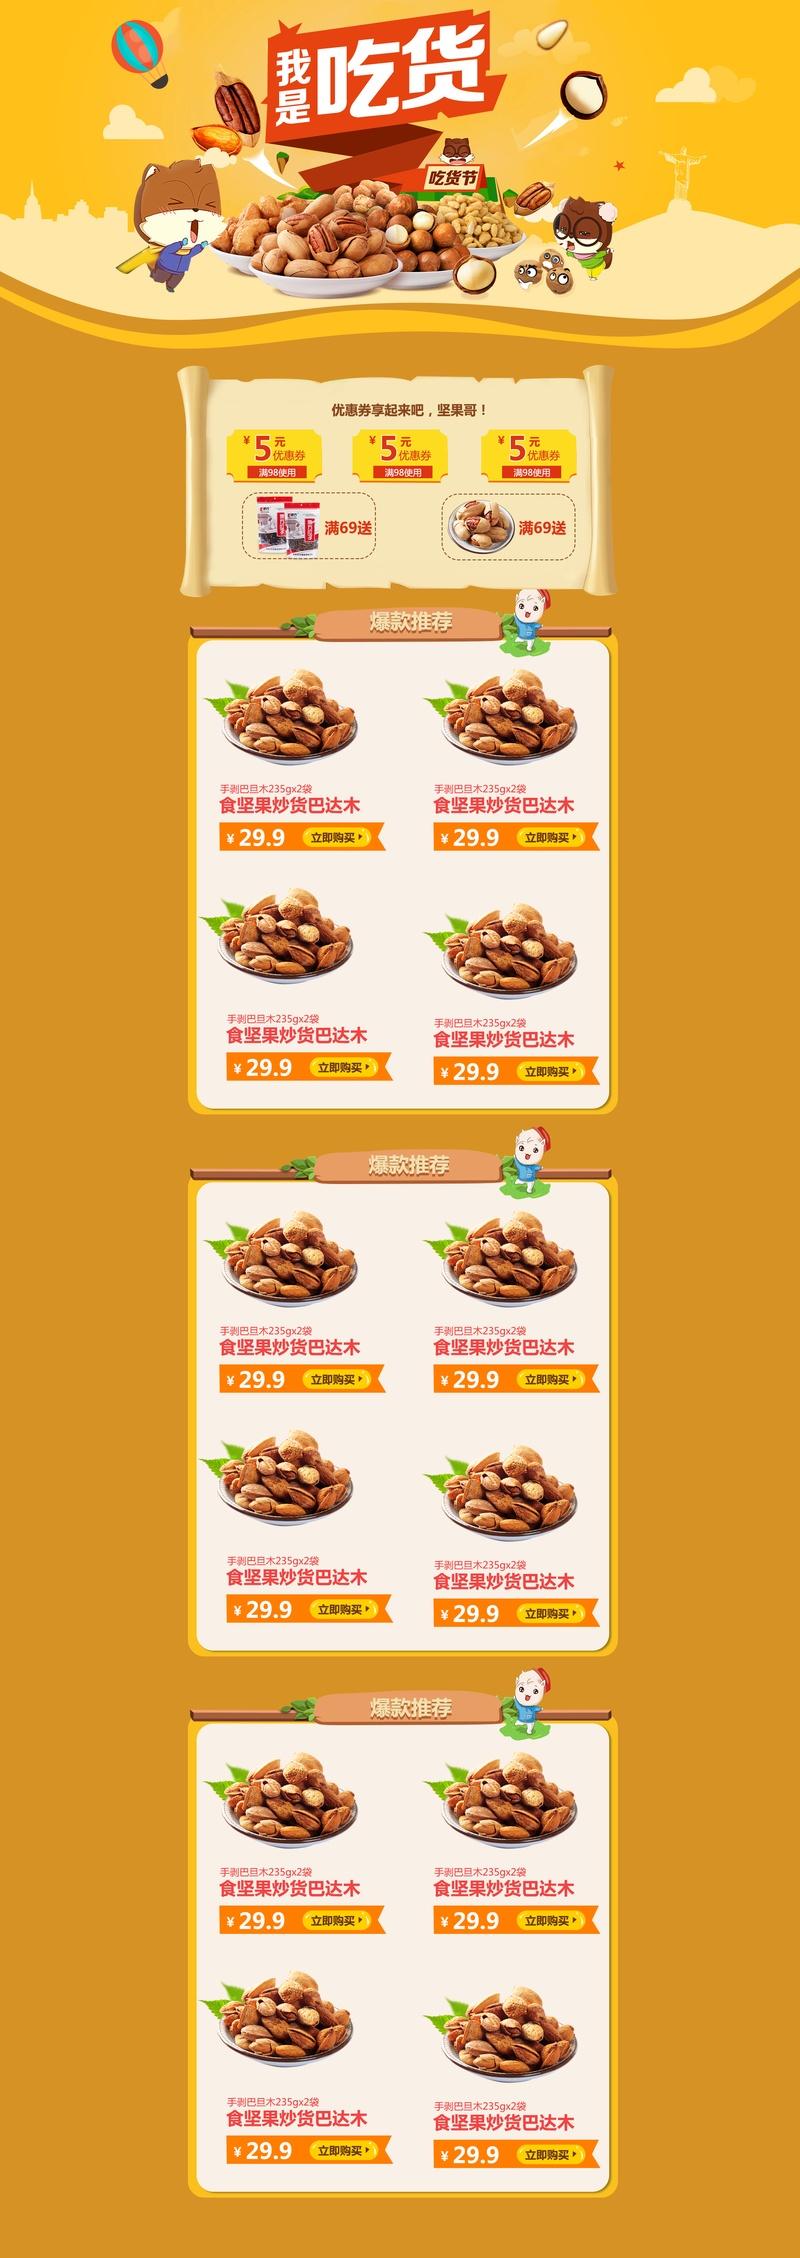 吃货节零食坚果首页psd模板